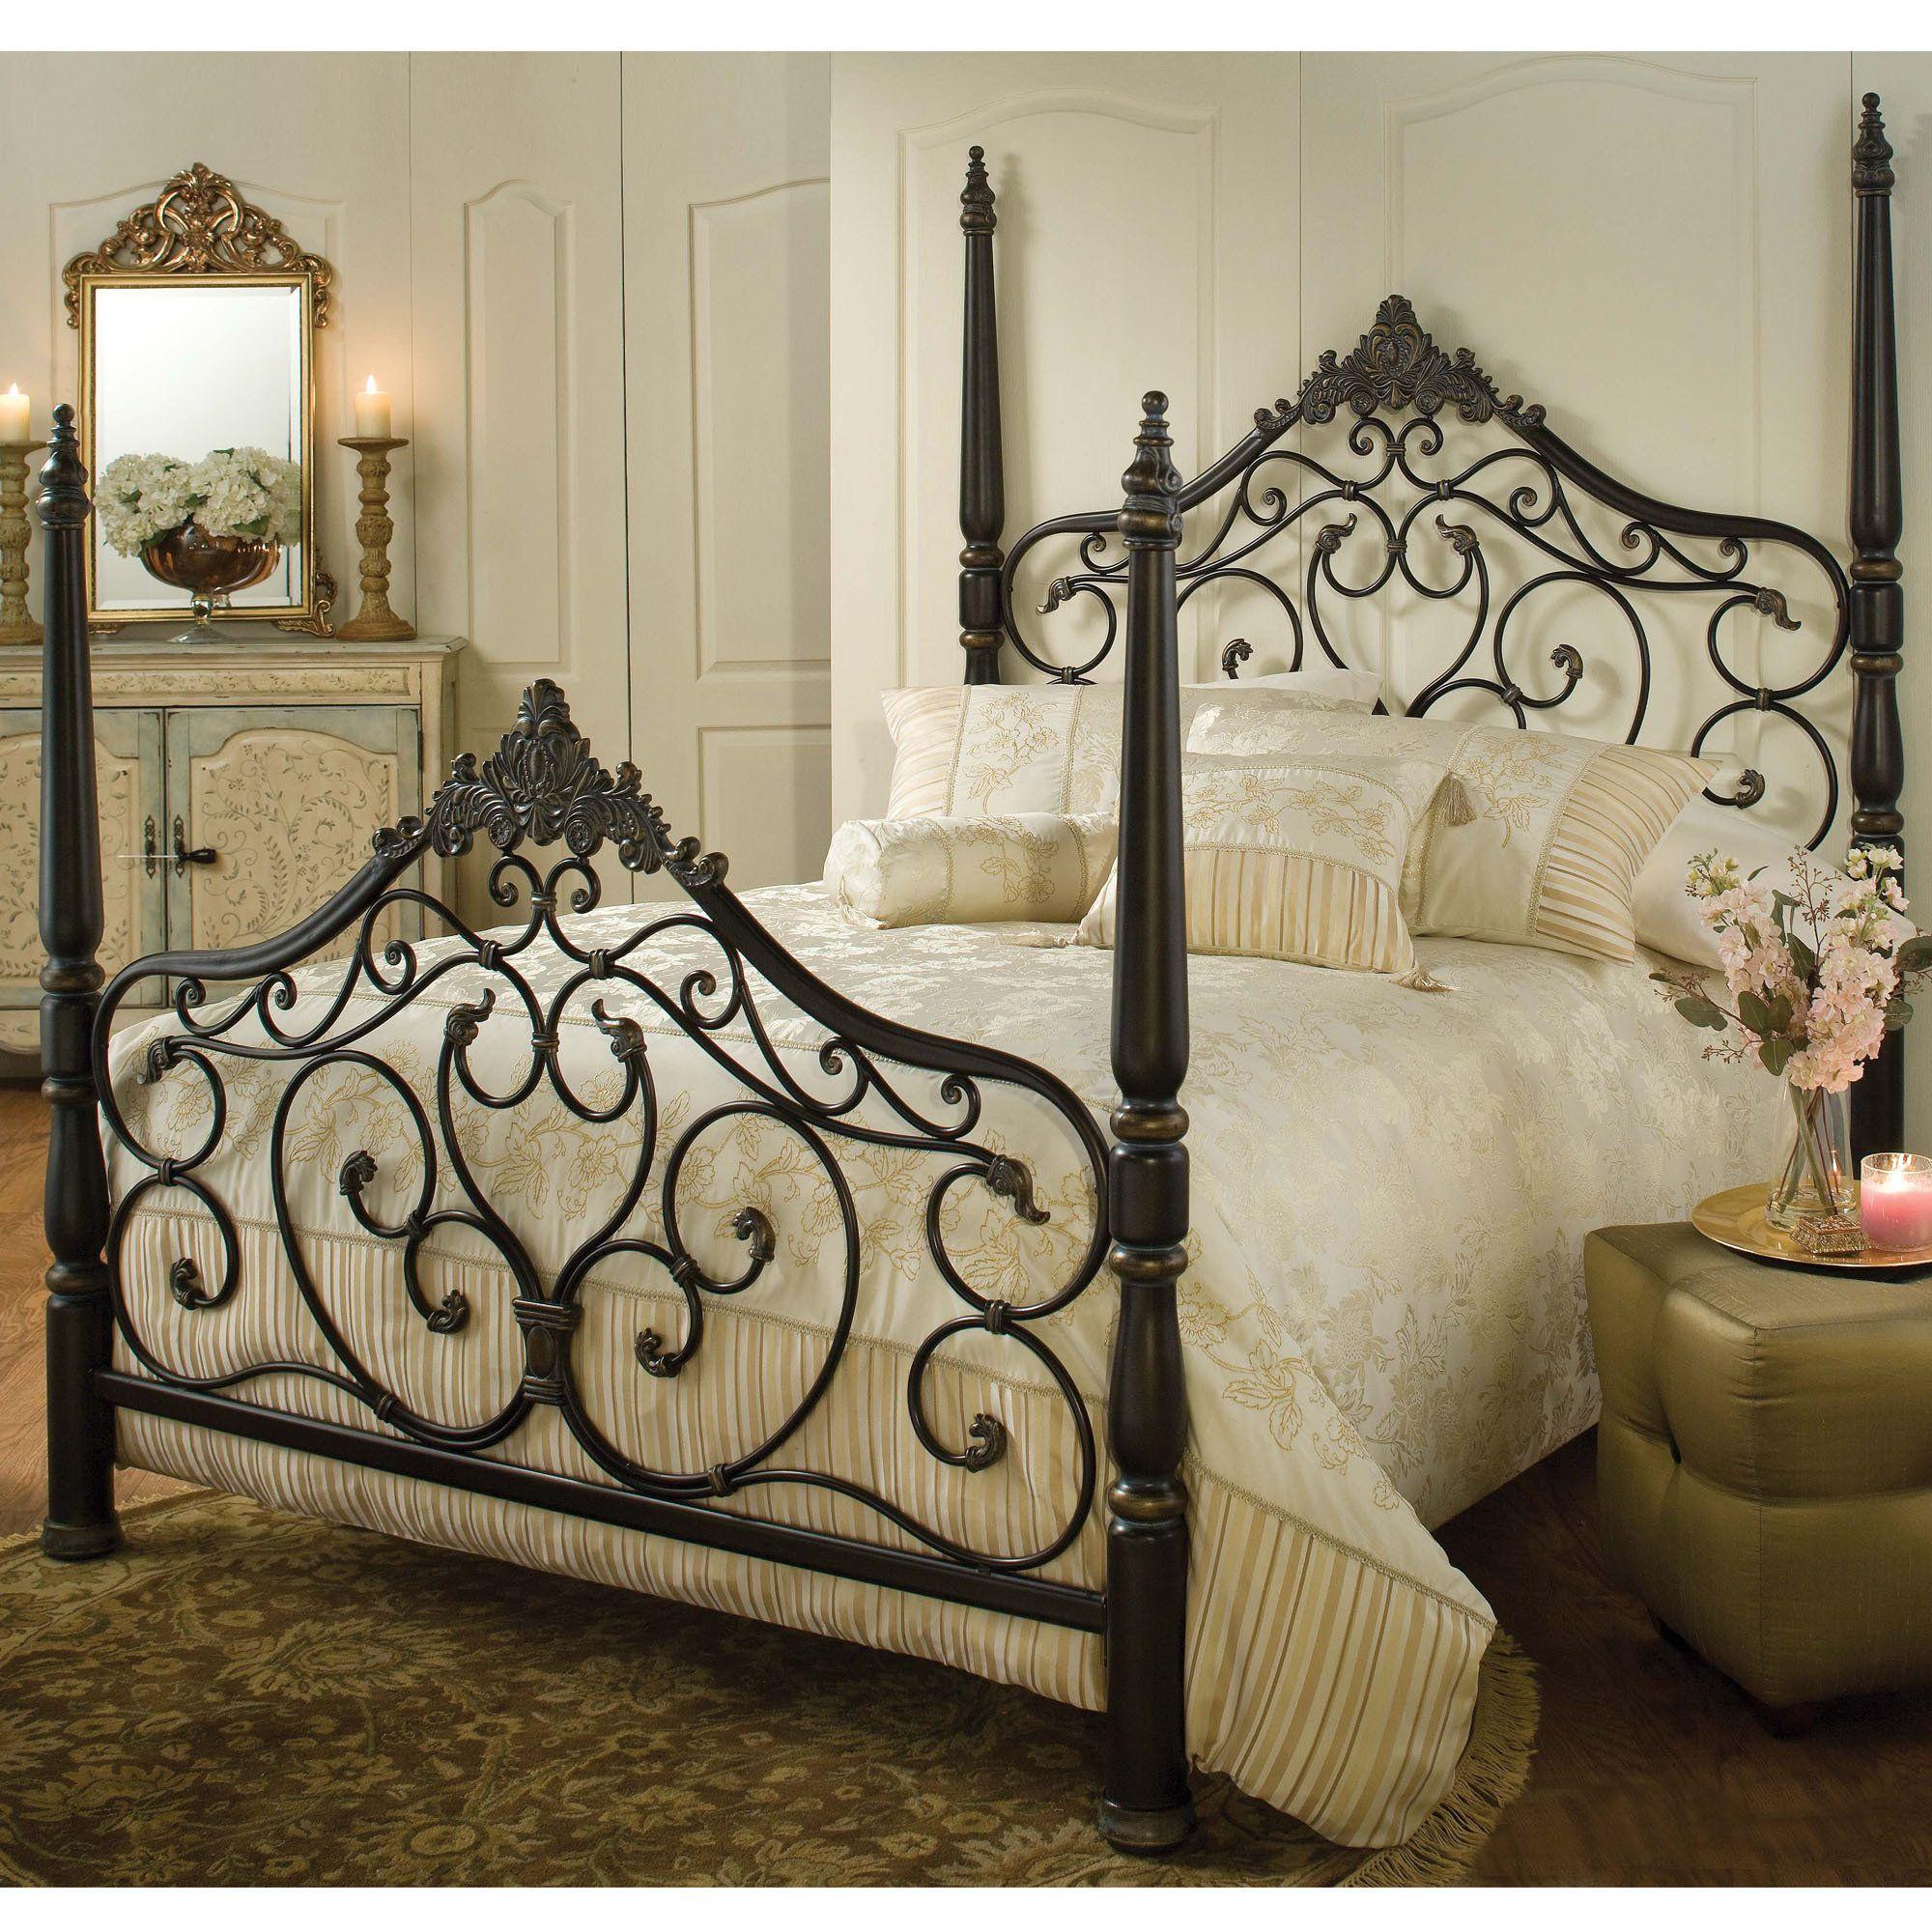 Schmiedeeisen Eisen Metall Ornament Bett Bilder - Schlafzimmer ...